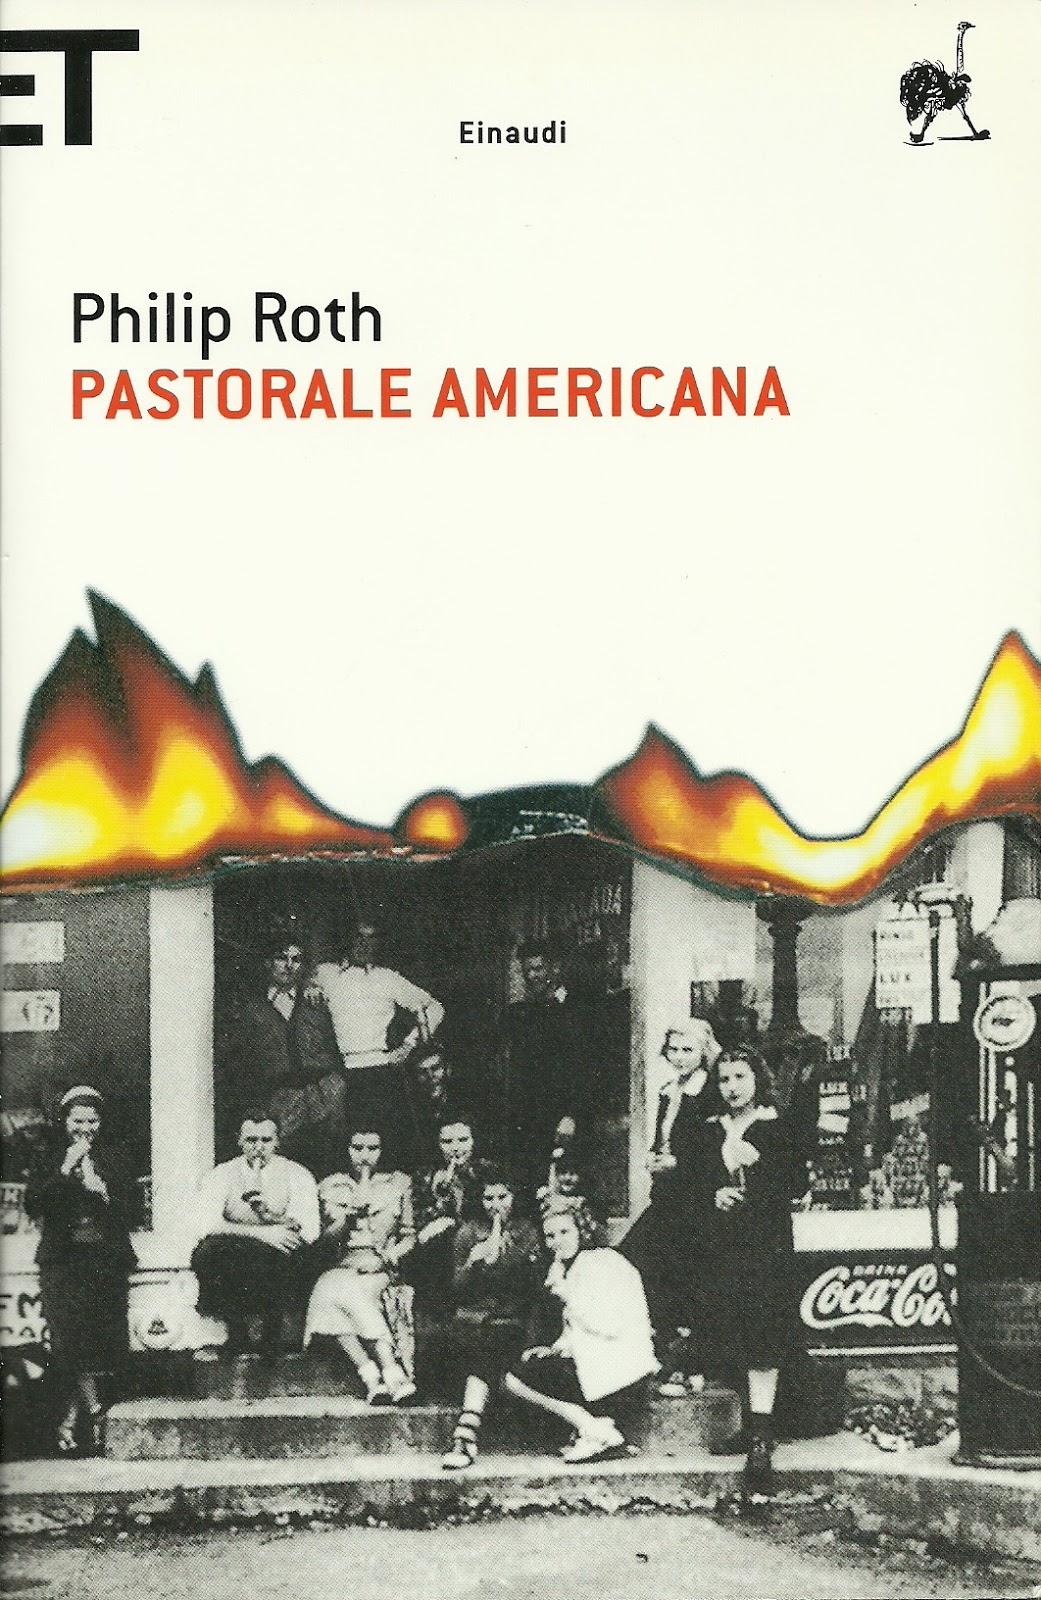 Philipm Roth, Pastorale americana, Einaudi